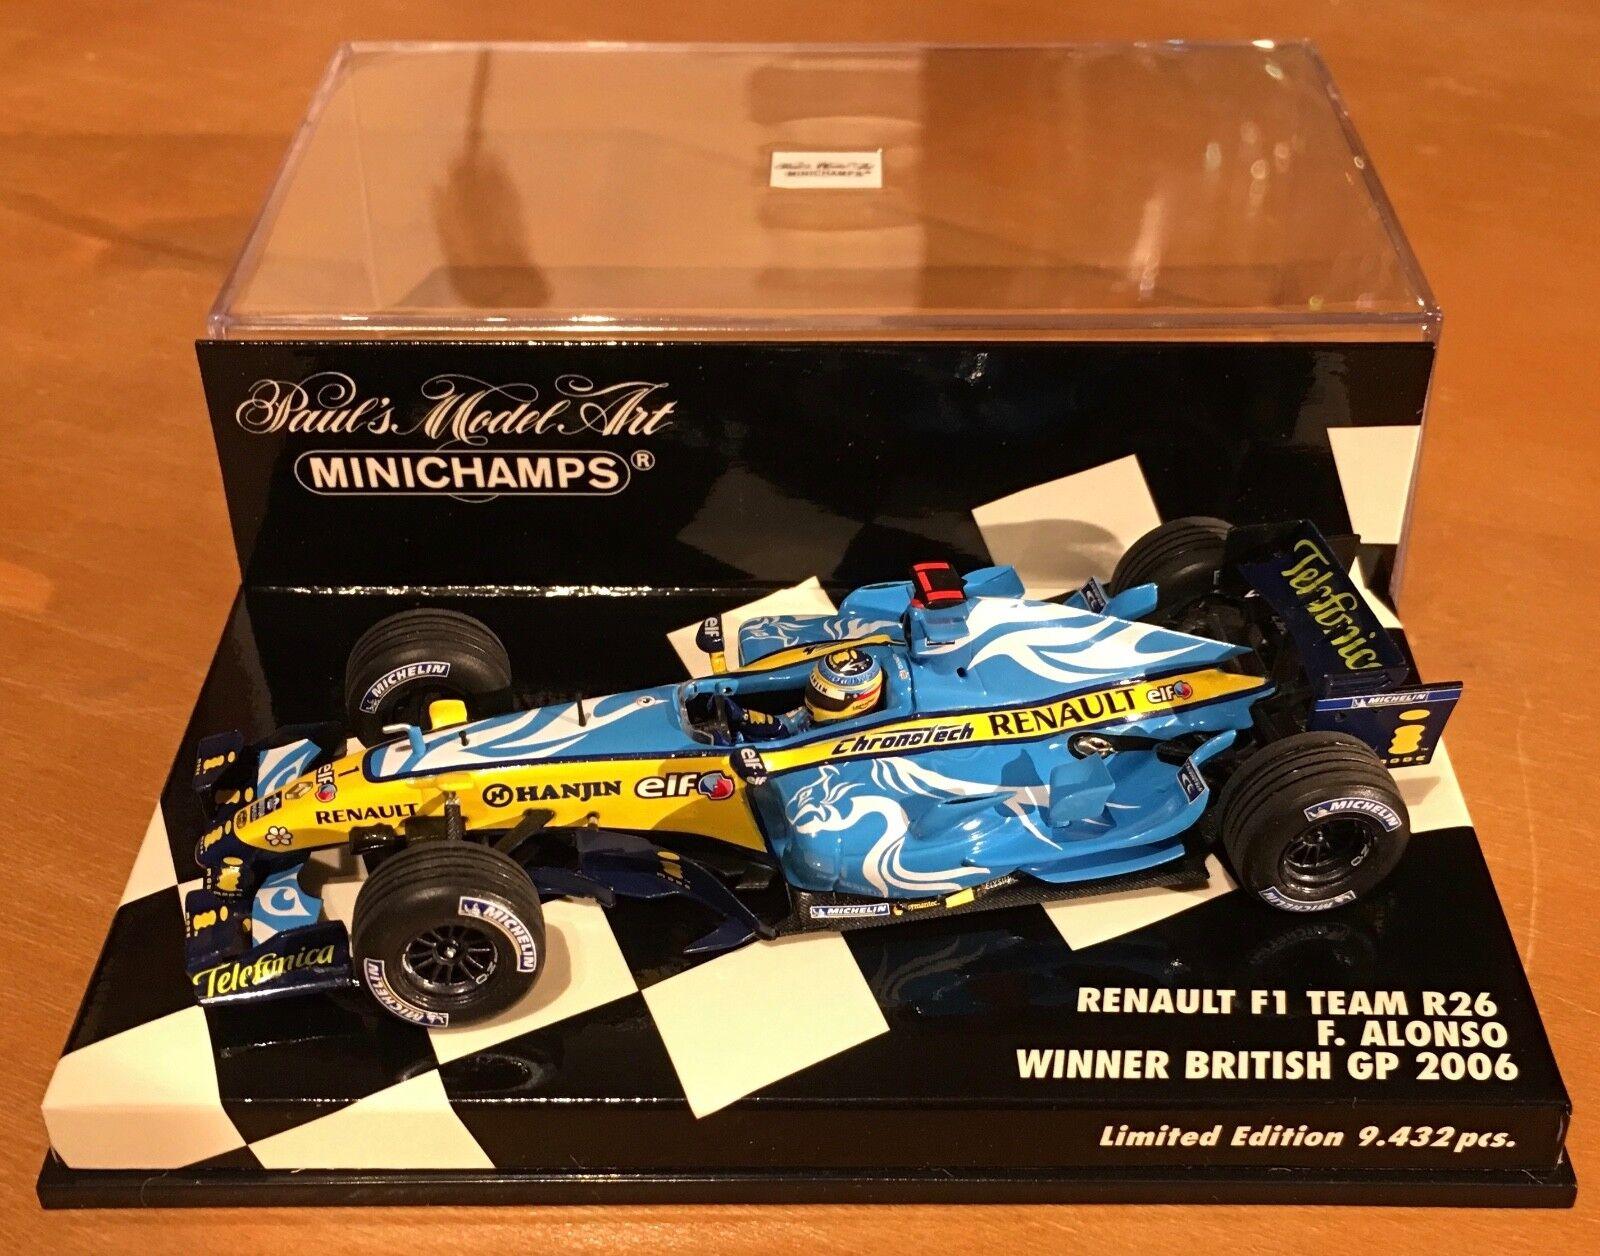 buena calidad Minichamps 1 43 Renault Renault Renault F1 Team R26  1 - Alonso Ganador GP británico  mejor calidad mejor precio